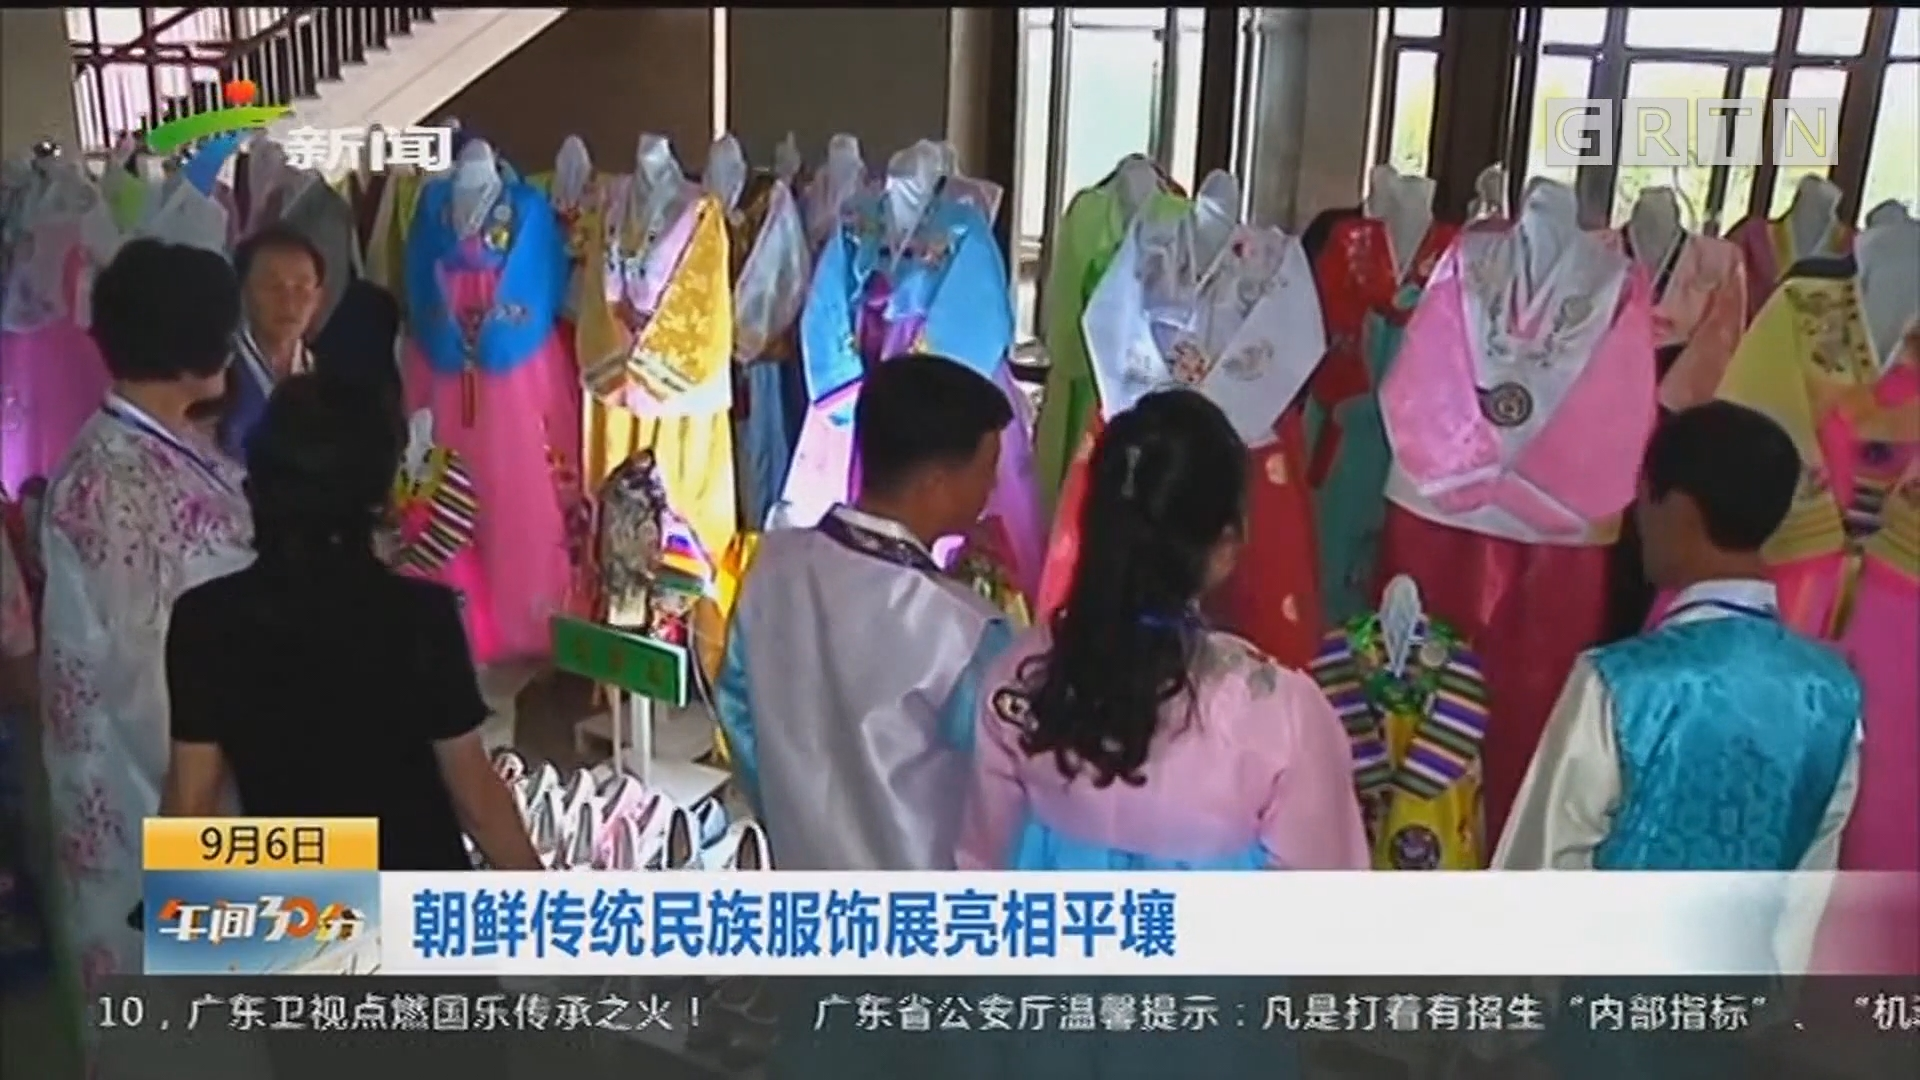 朝鲜传统民族服饰亮相平壤